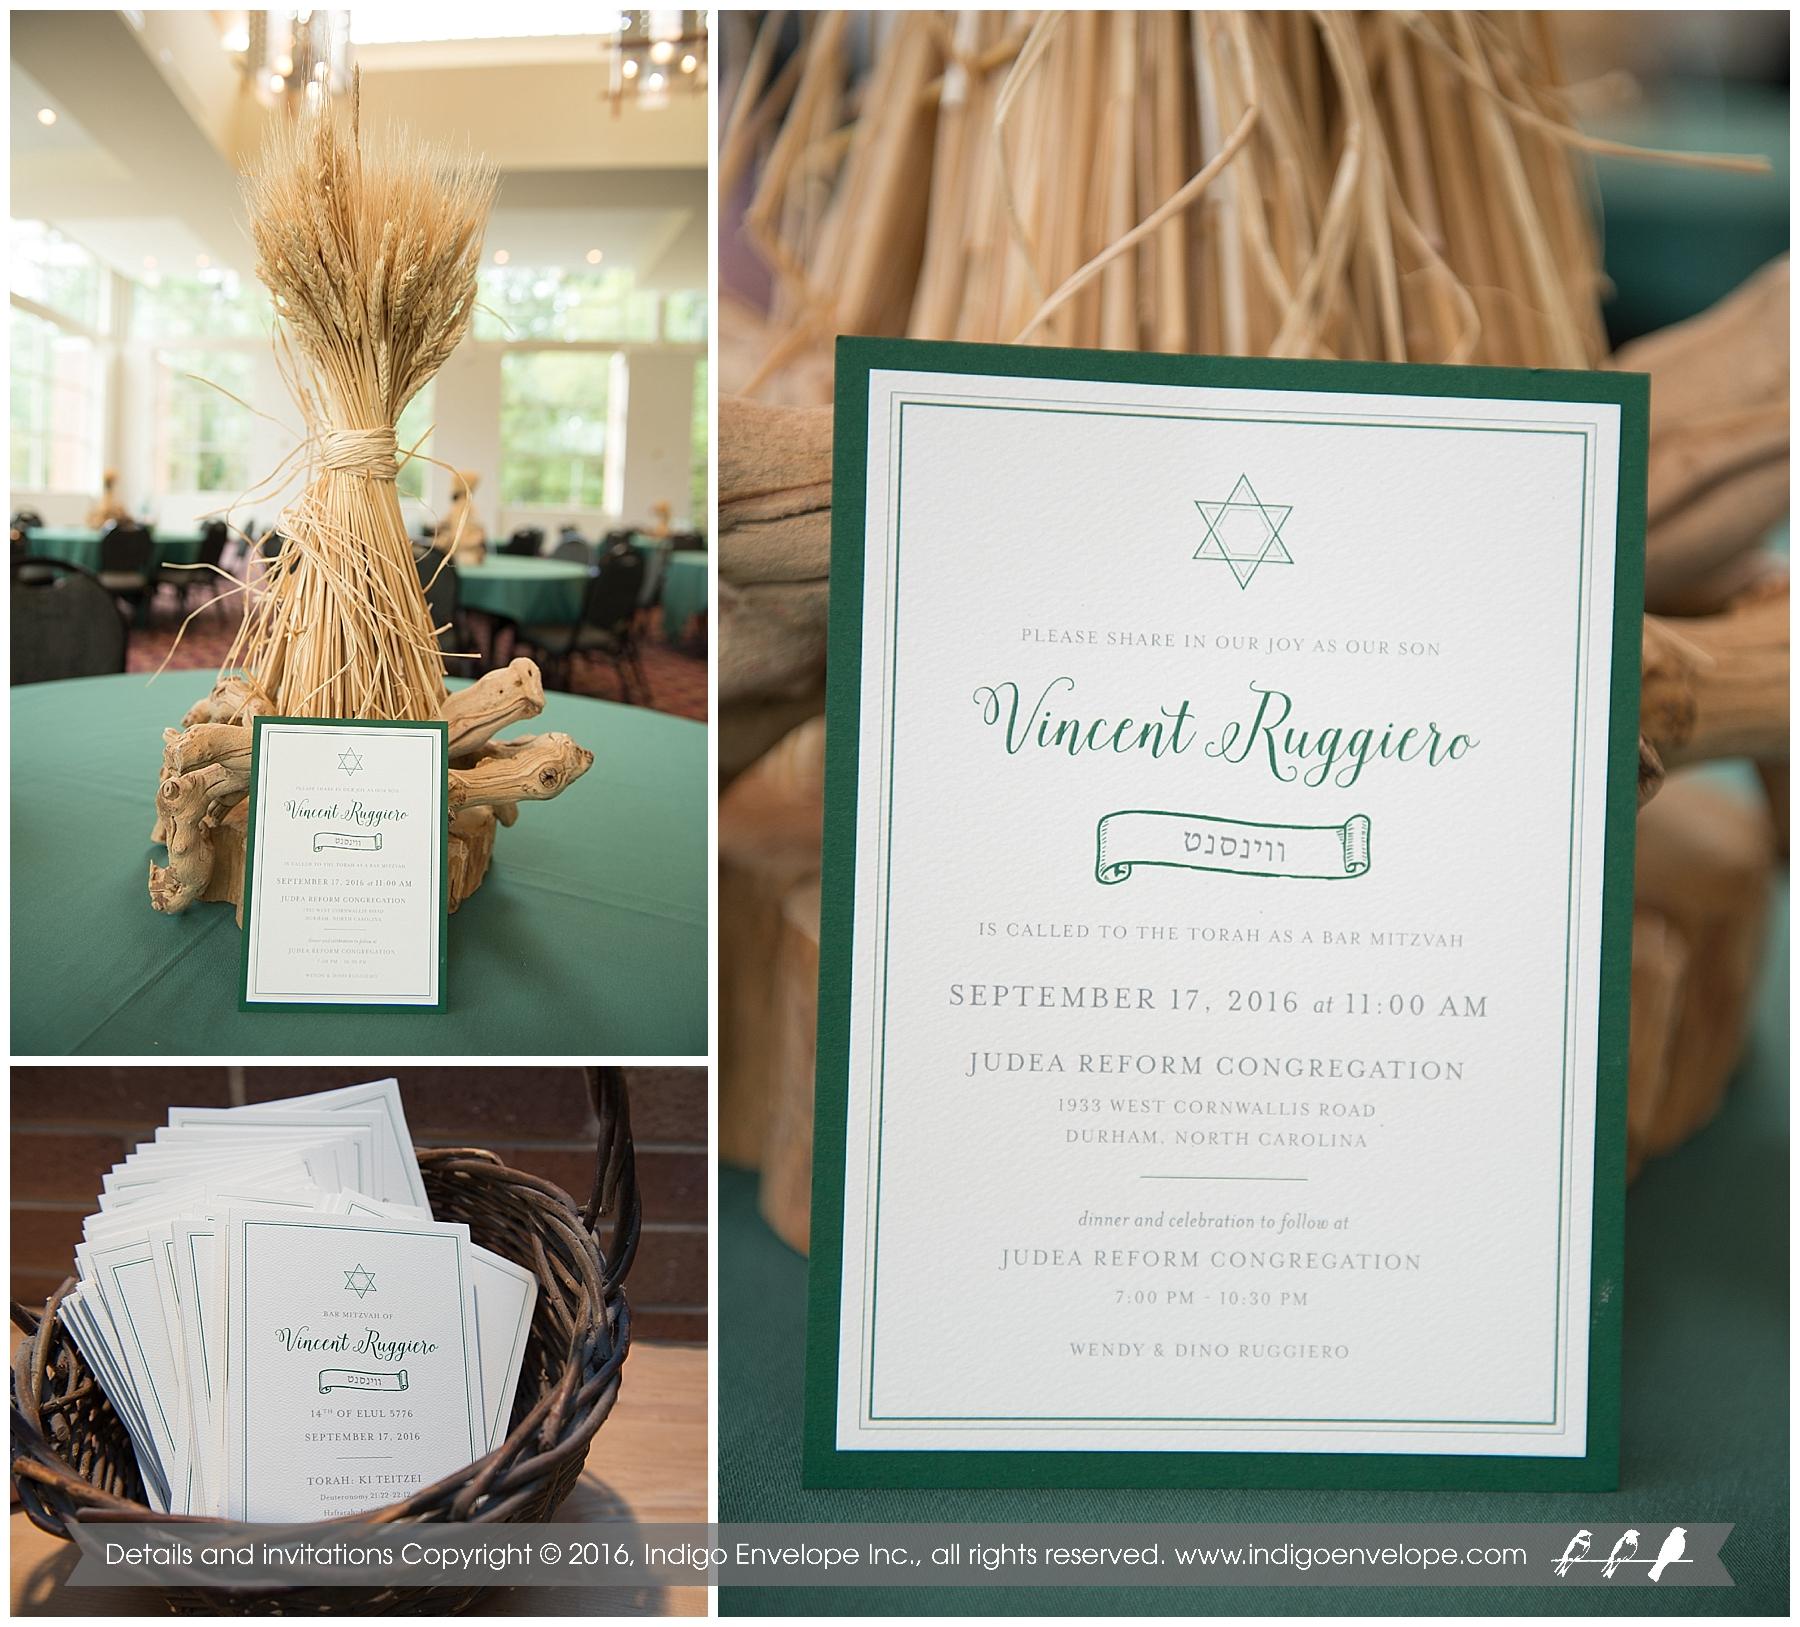 IndigoEnvelope-Ruggiero-Farm-Bar Mitzvah-Invitation